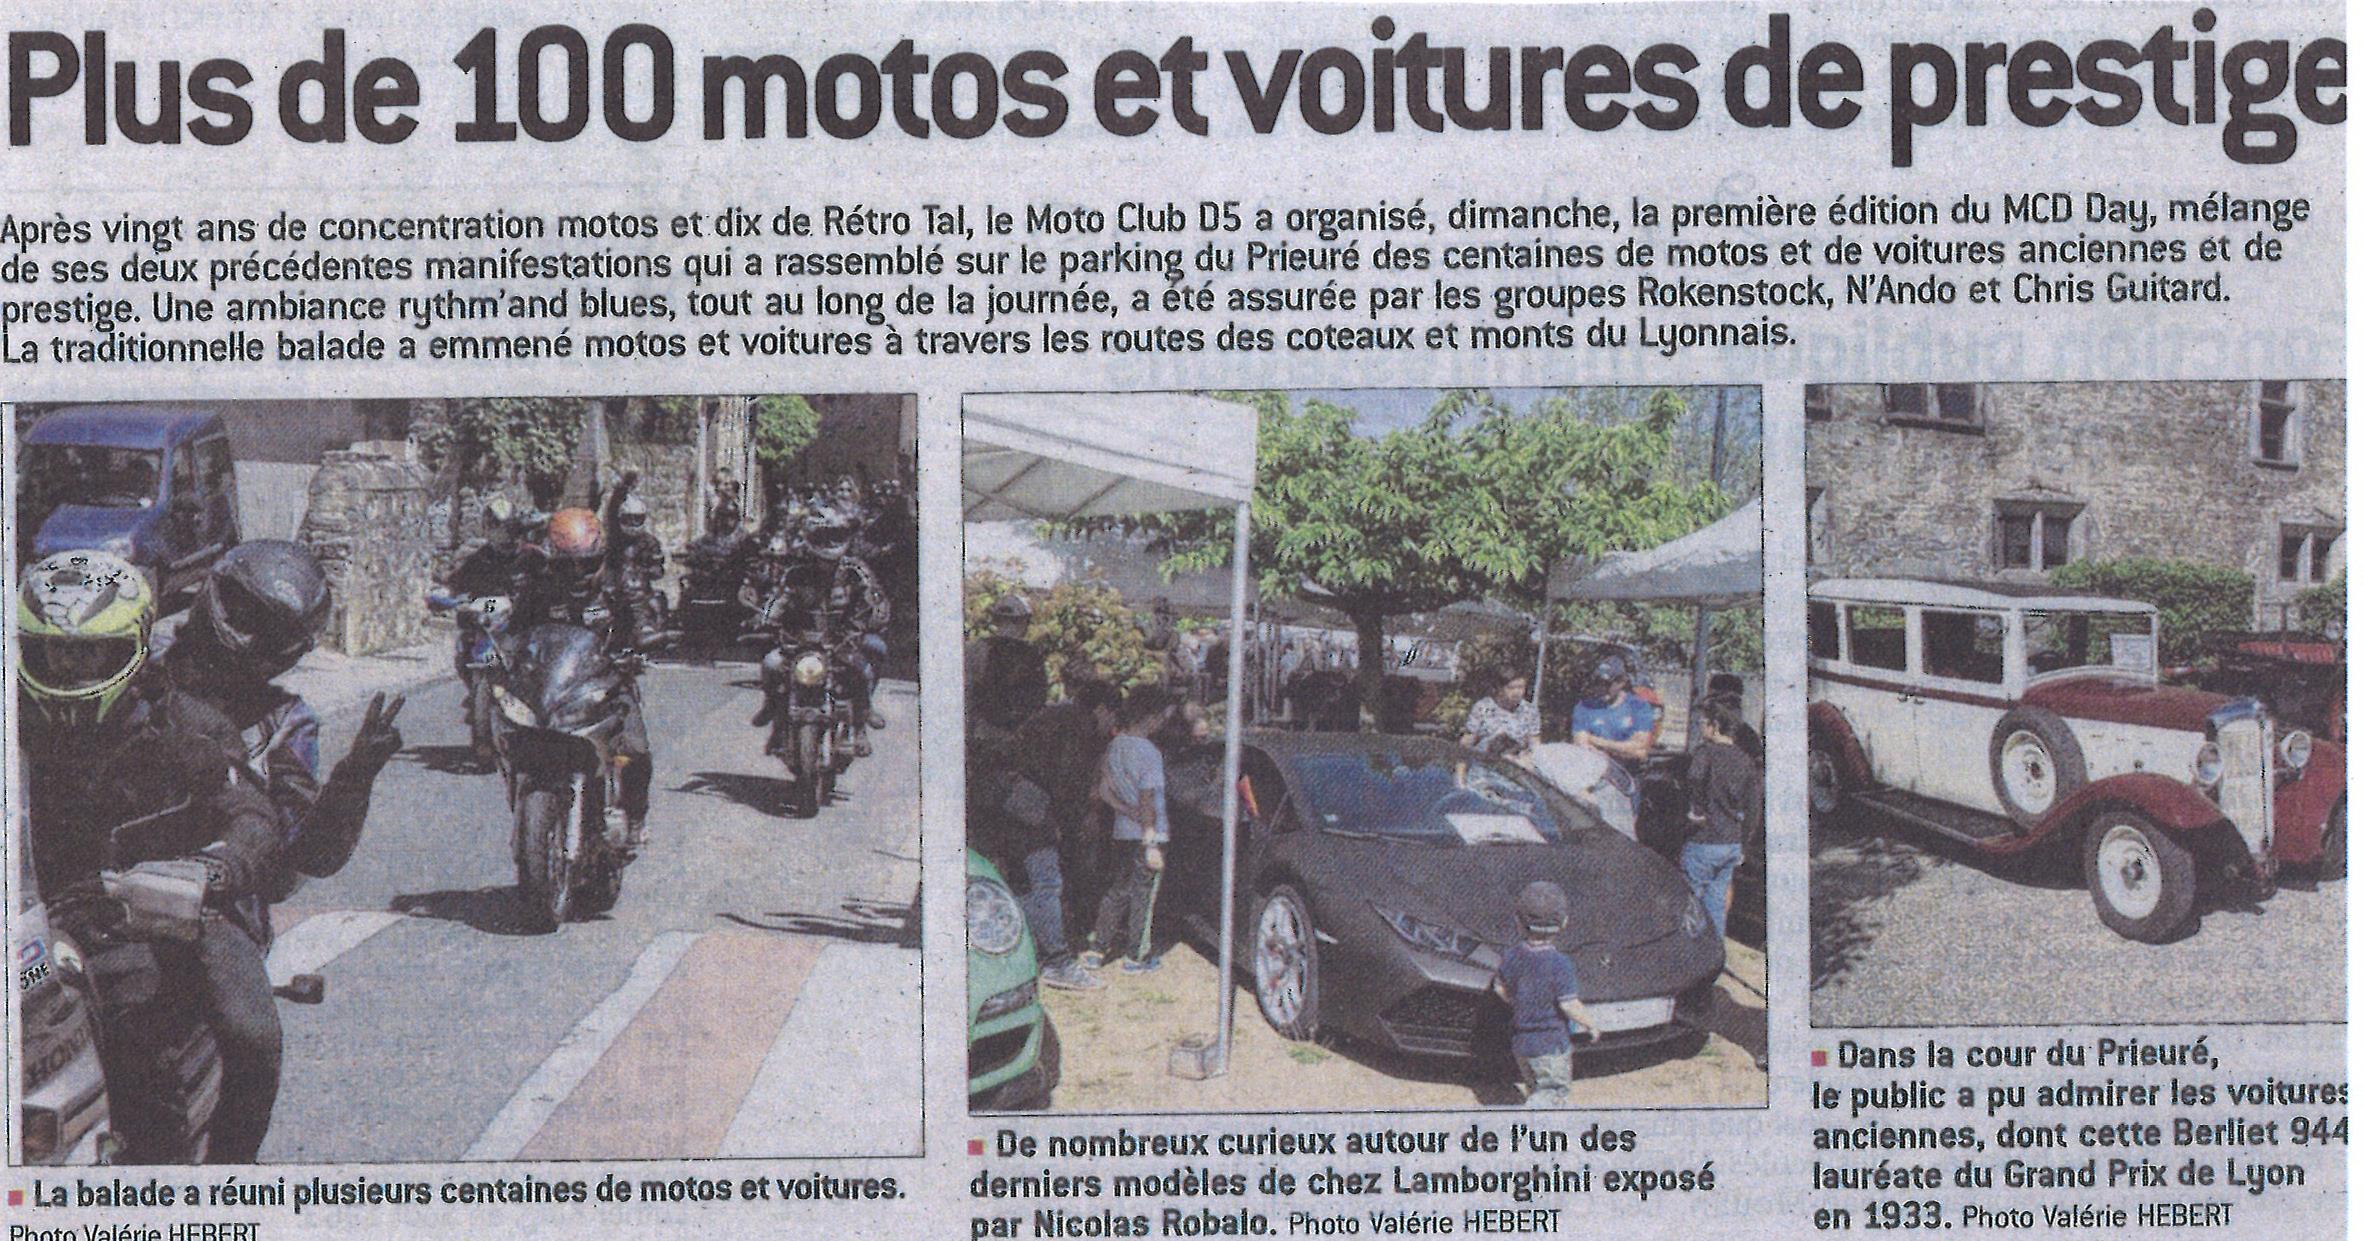 2018-05-21 PLUS DE 1000 MOTOS ET VOITURES DE PRESTIGES